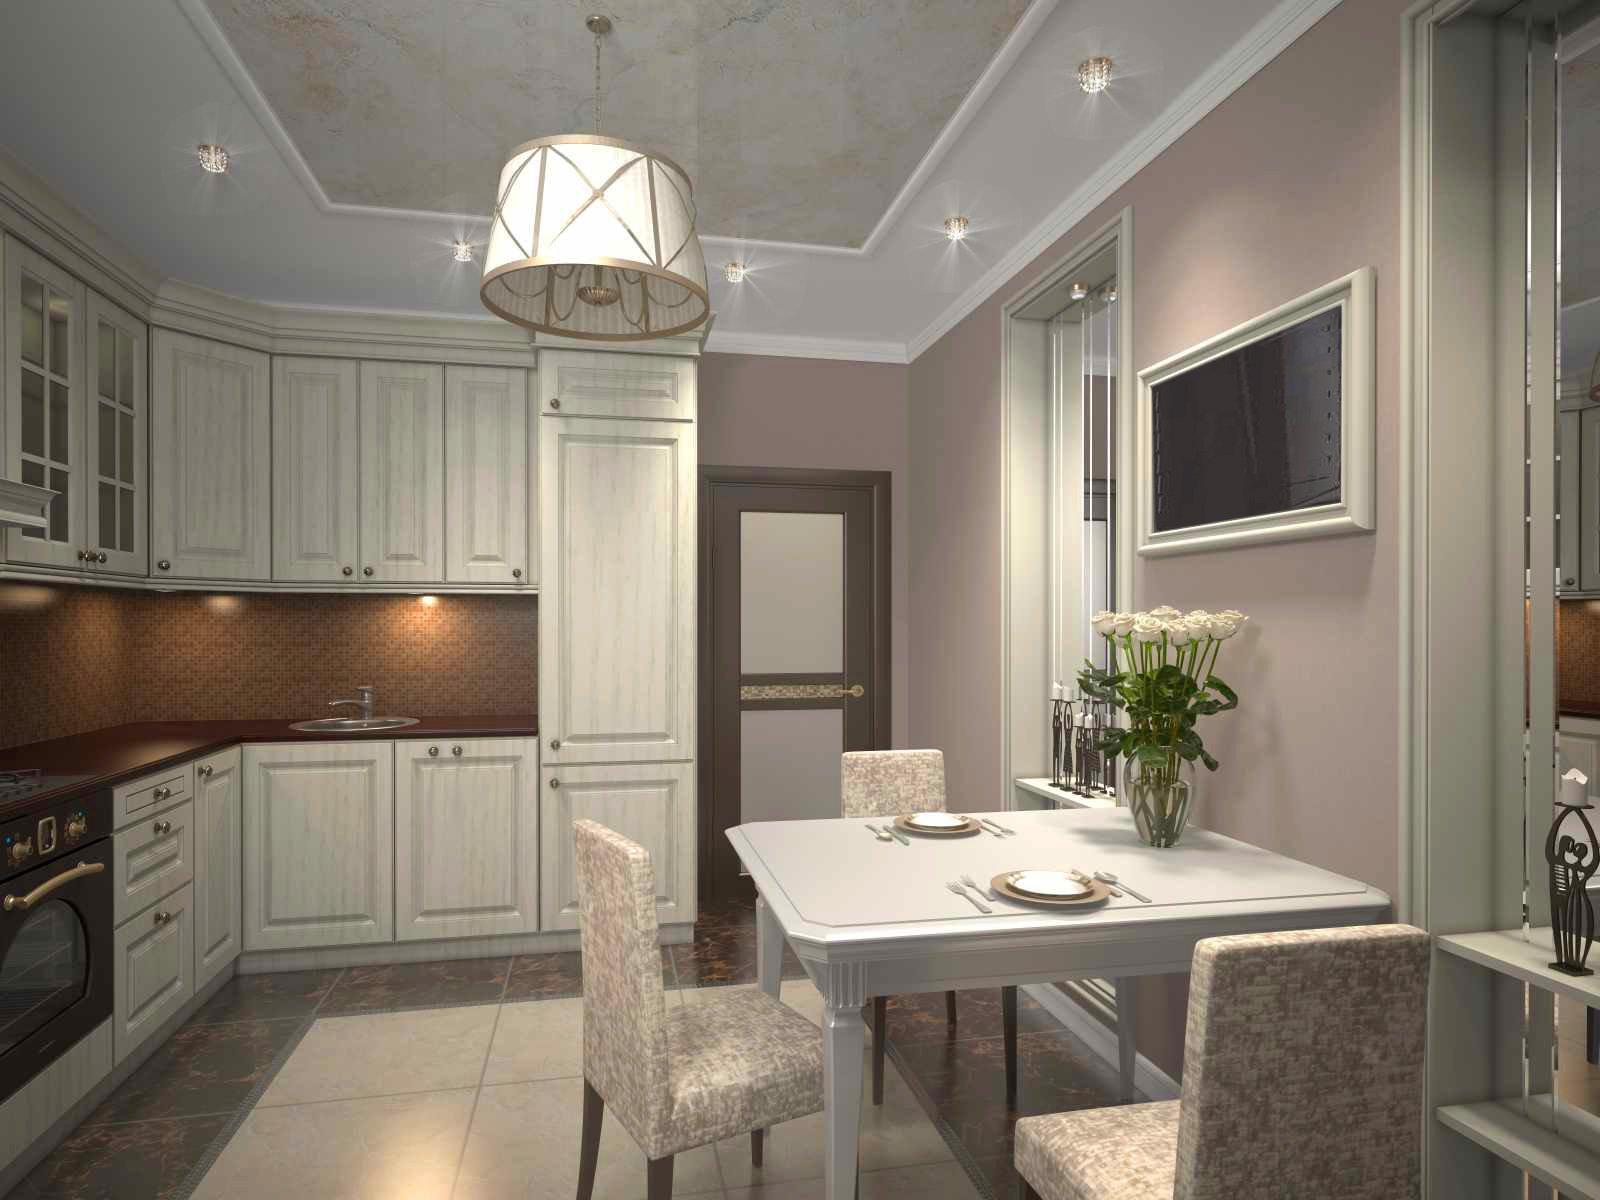 дизайн 2-комнатной квартиры фото